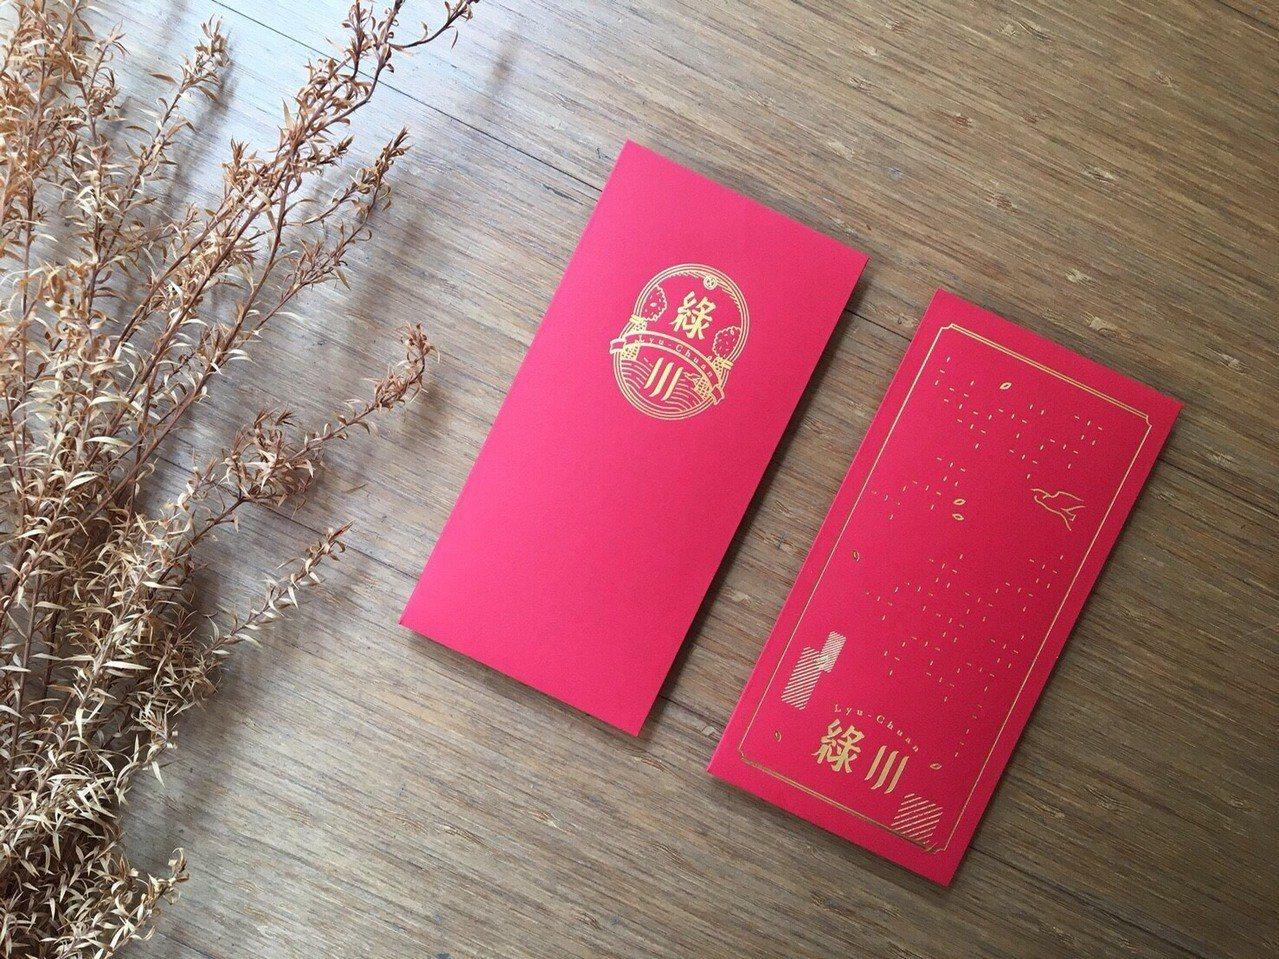 台中市水利局為綠川申請註冊商標,印在紅包袋上,這款綠川紅包成為搶手貨。 圖/台中...